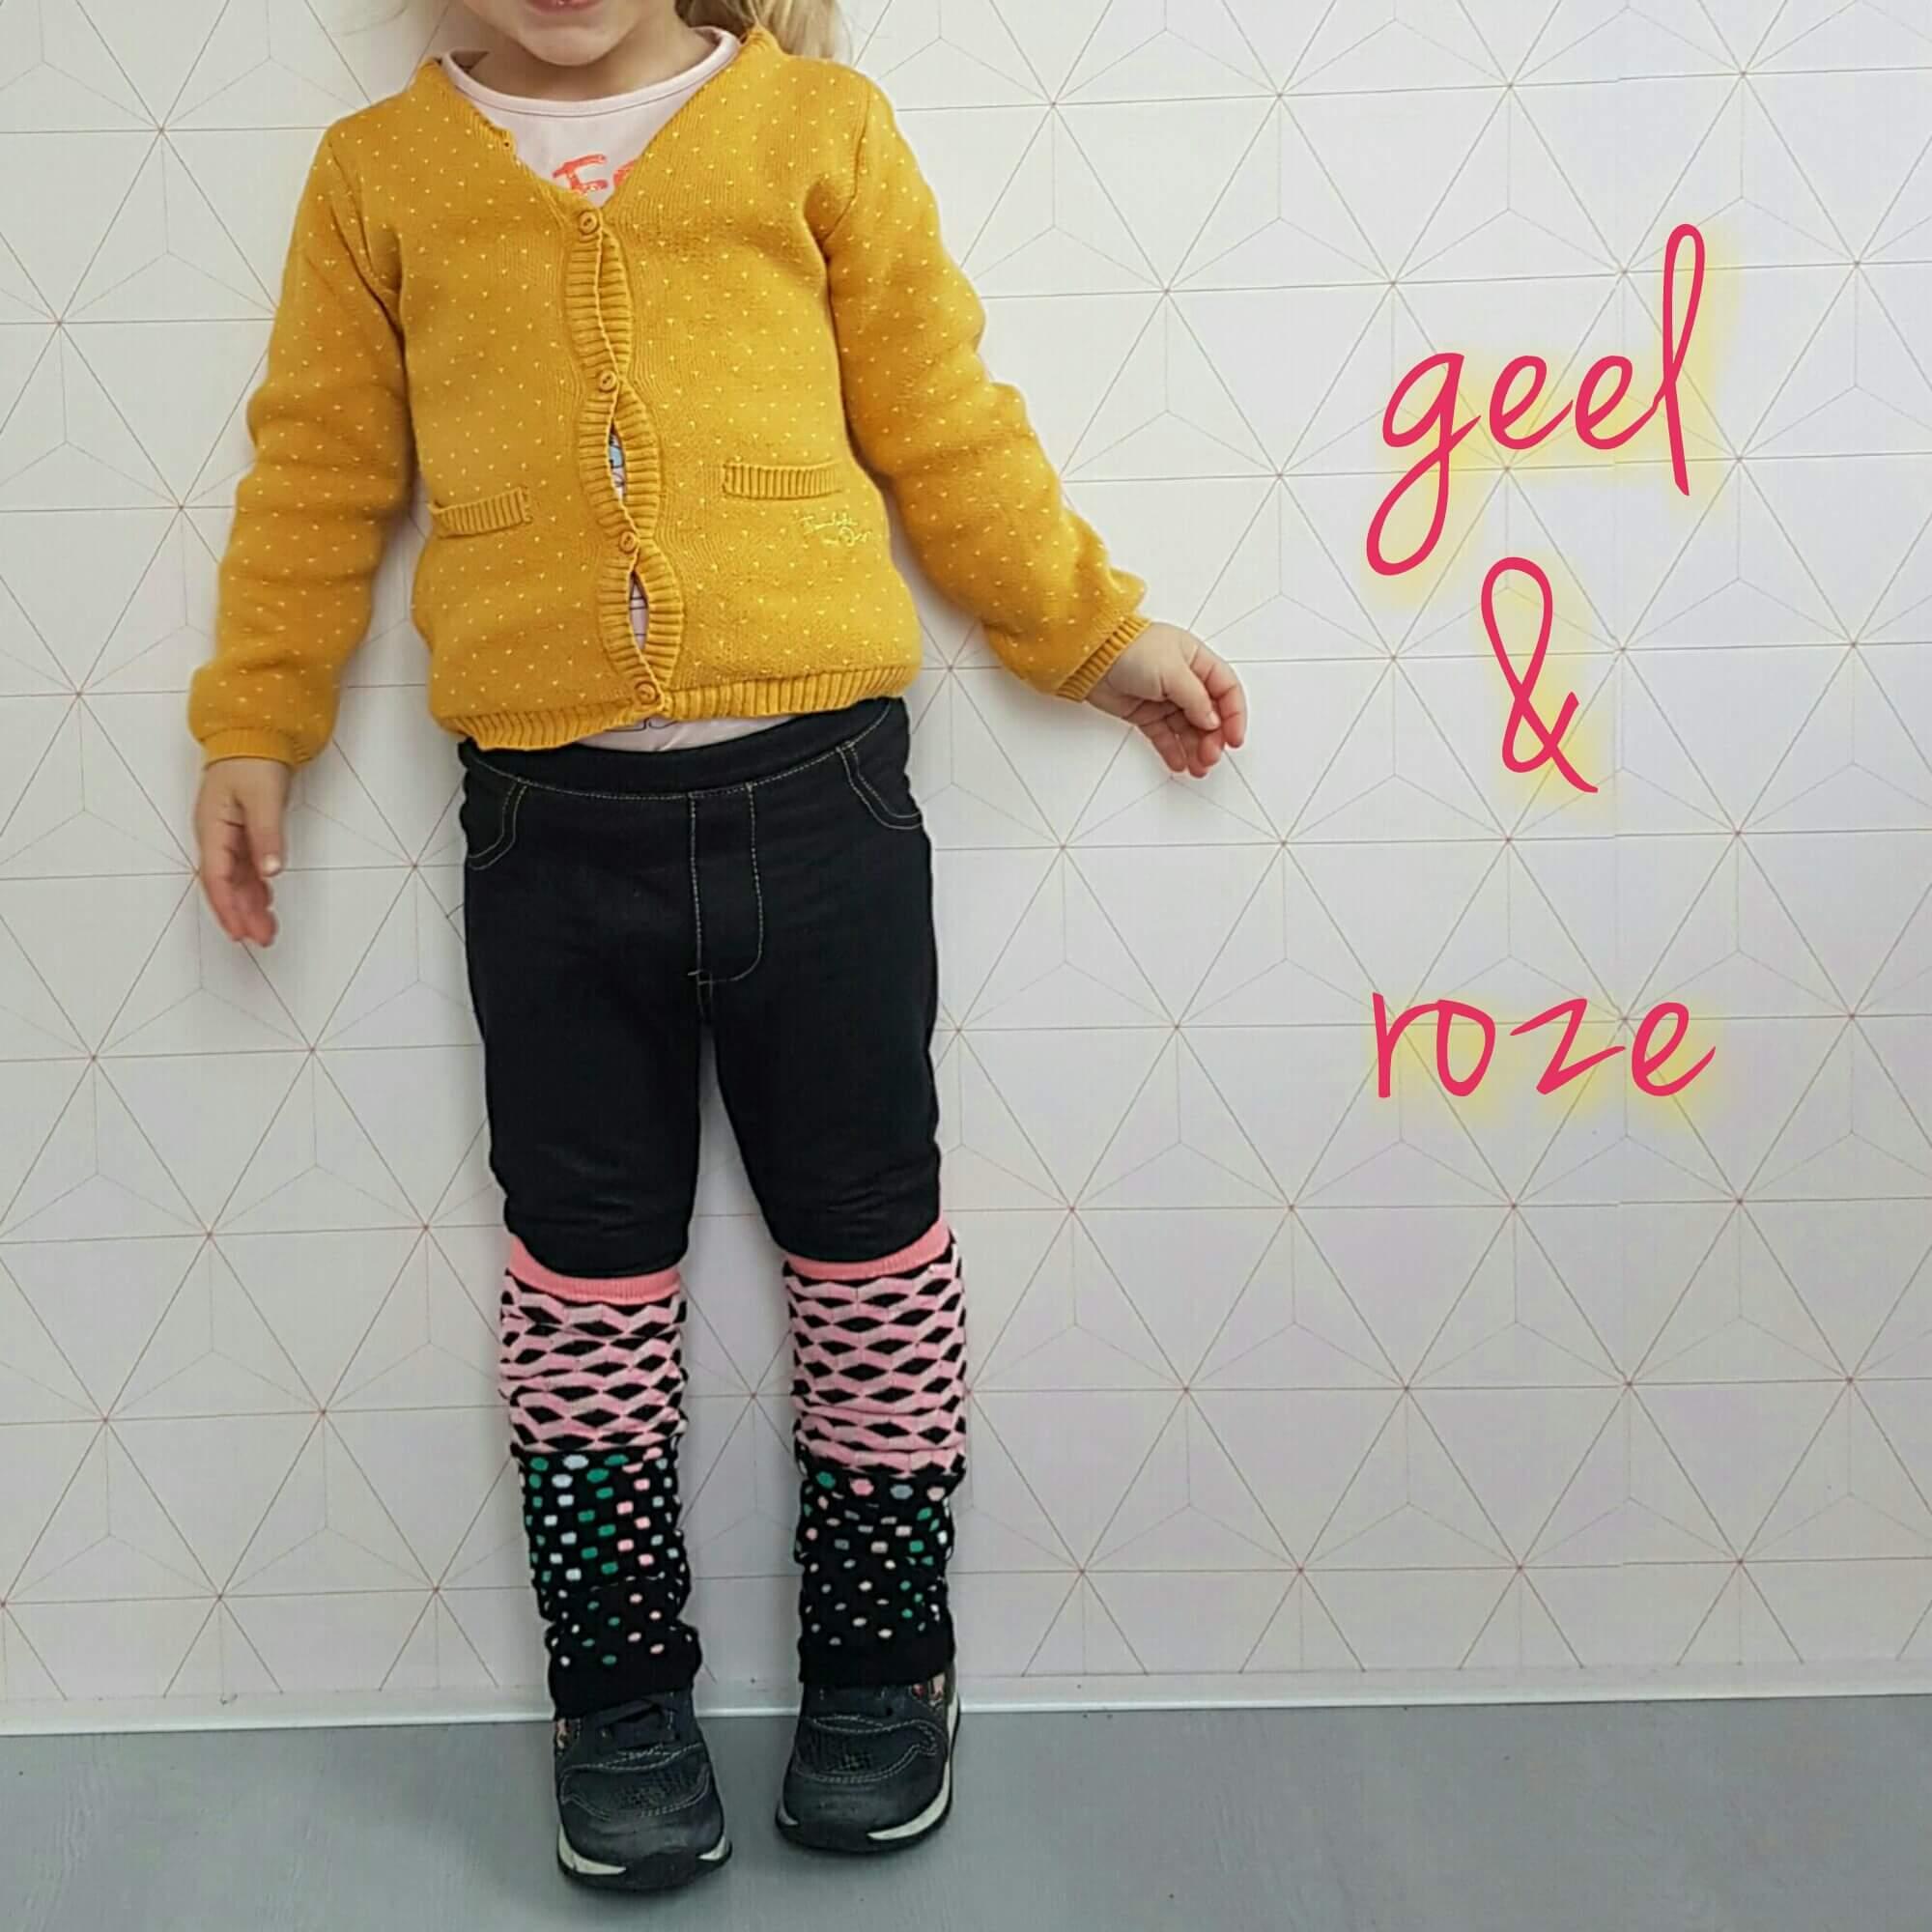 Kinderkleding trends: de leukste kleuren combinaties voor meisjes